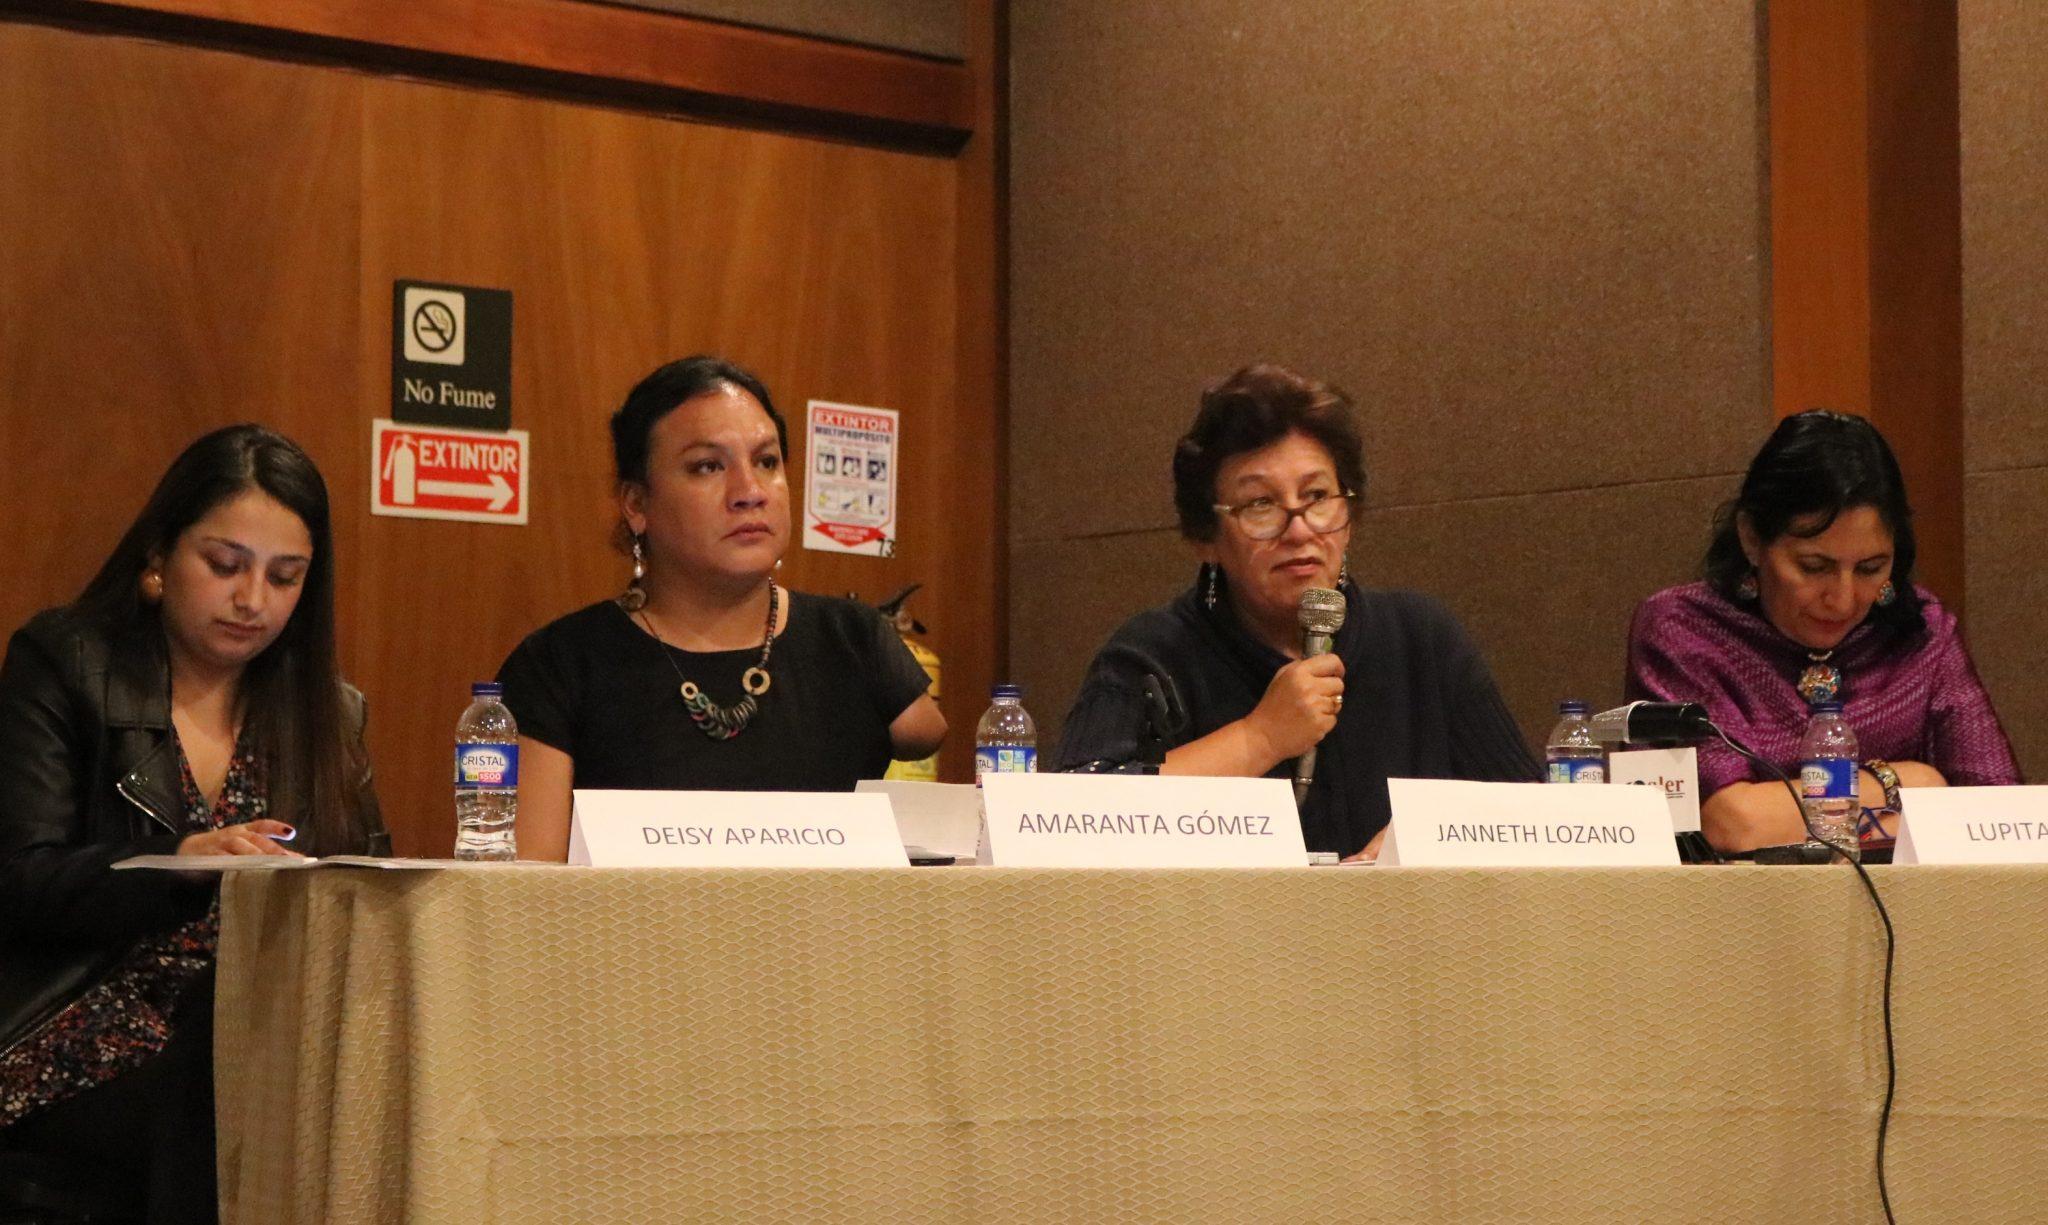 Activistas y Educadoras debaten Despatriarcalización y Educación durante Seminario de la CLADE